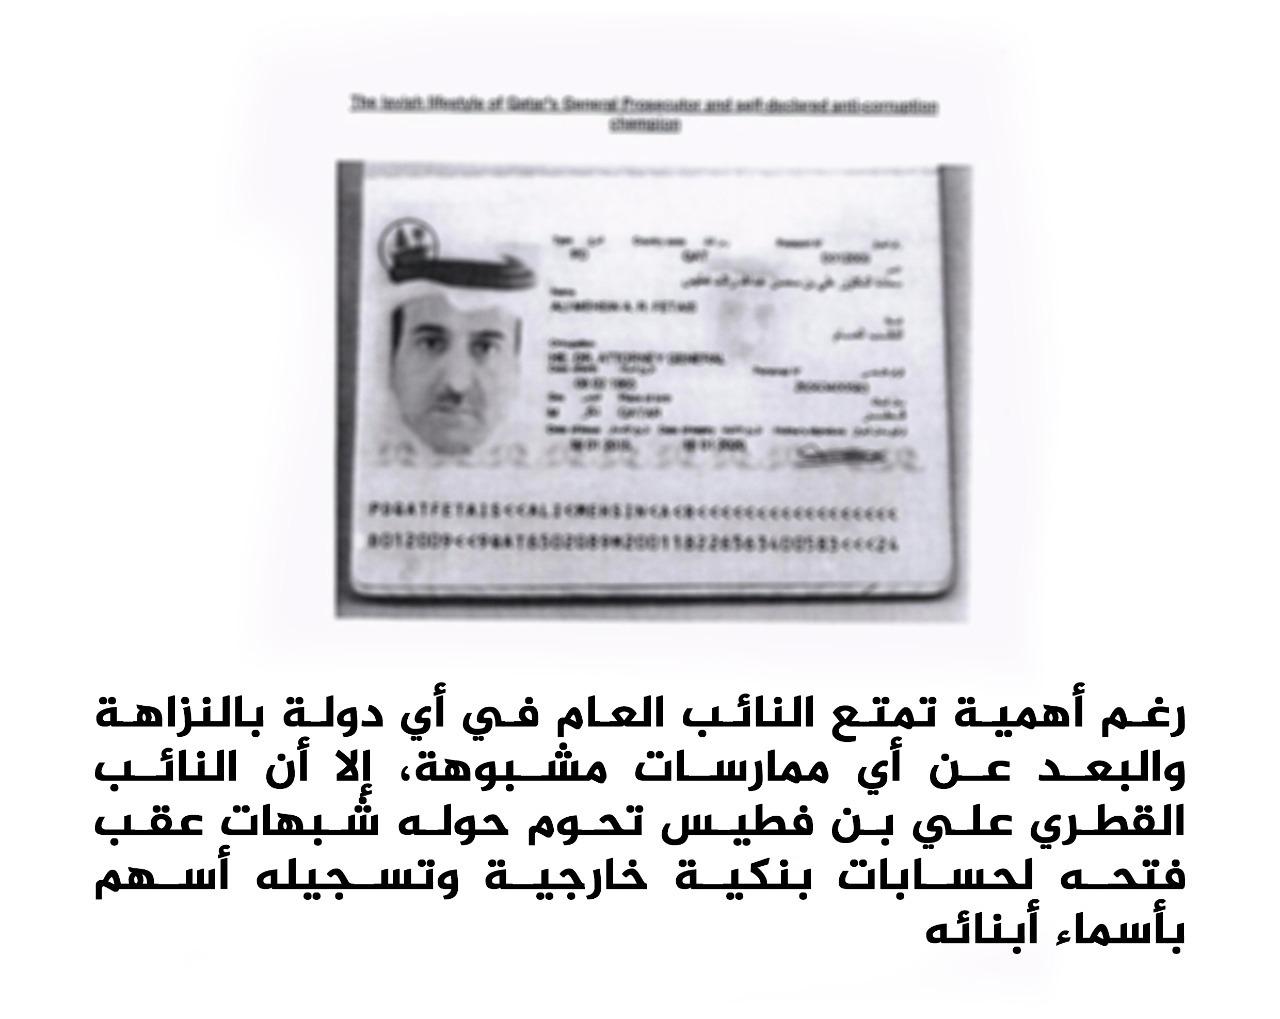 لصوص قطر.. نائب عام الدوحة يوجه التهم الباطلة للقطريين ومتورط فى قضايا فساد